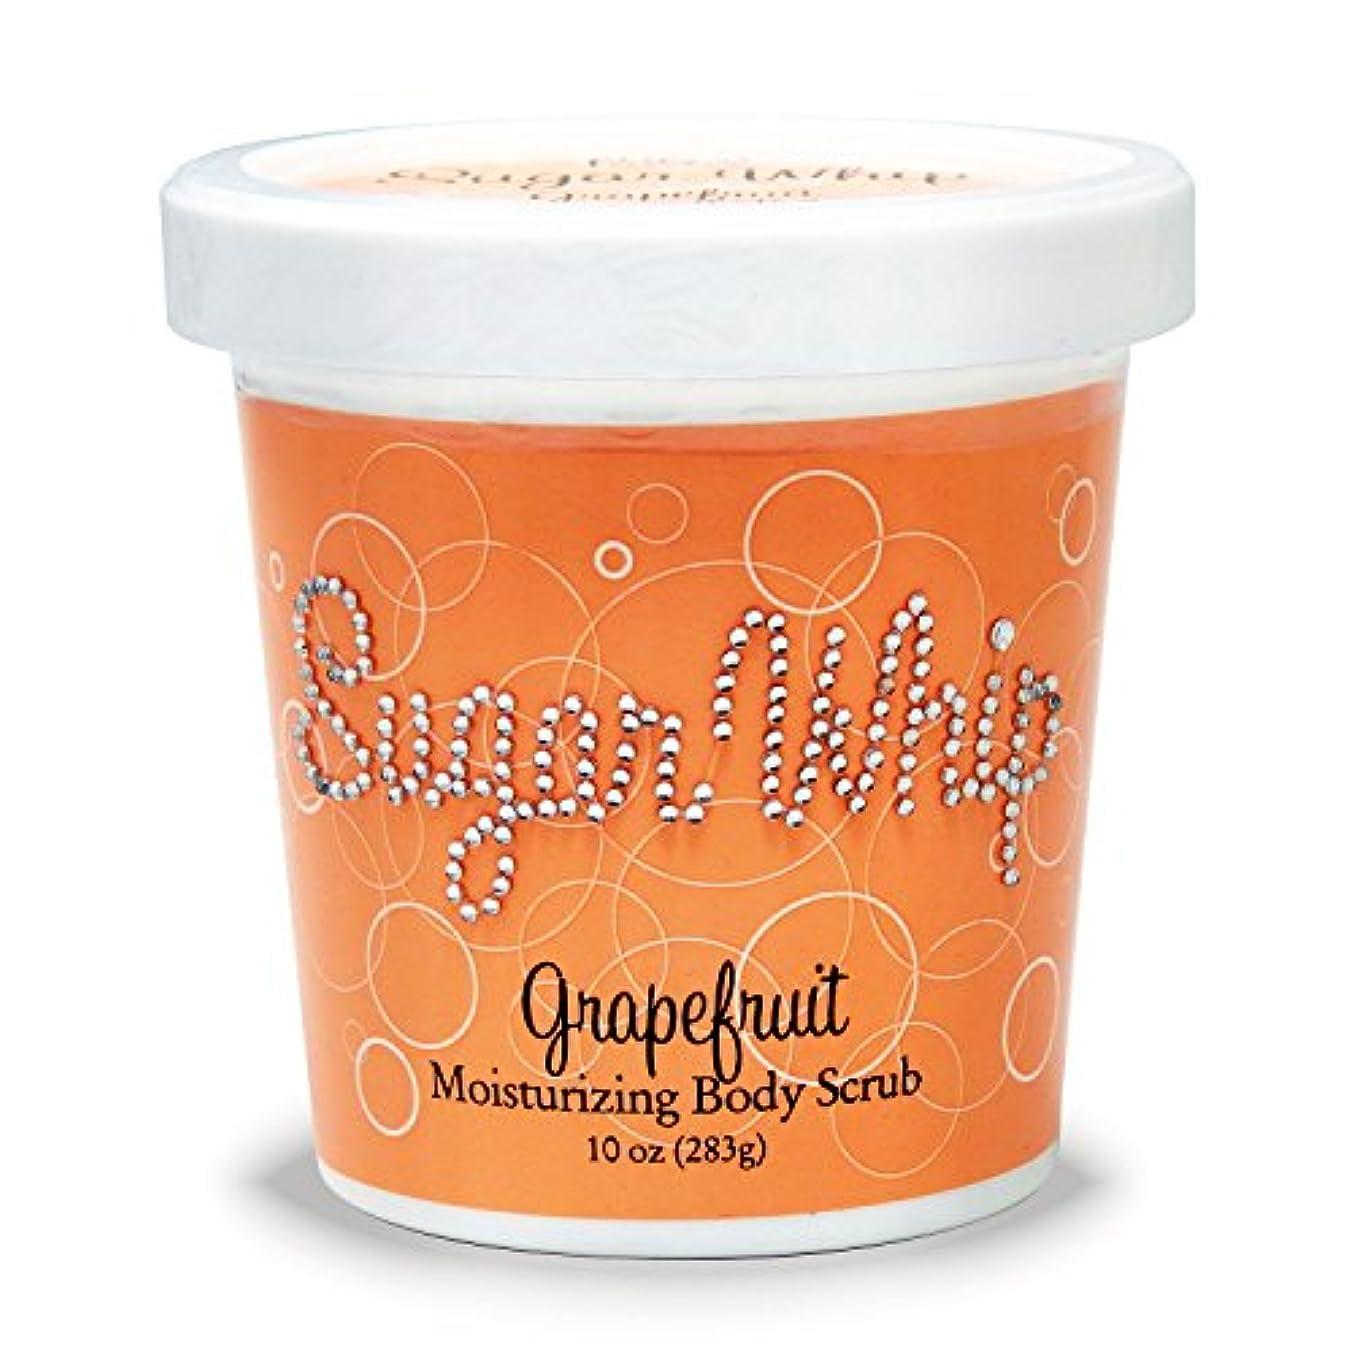 原稿花輪プライモールエレメンツ シュガーホイップ/グレープフルーツ ボディスクラブ 283g サトウキビからできたお砂糖を使用した優しいボデイスクラブ